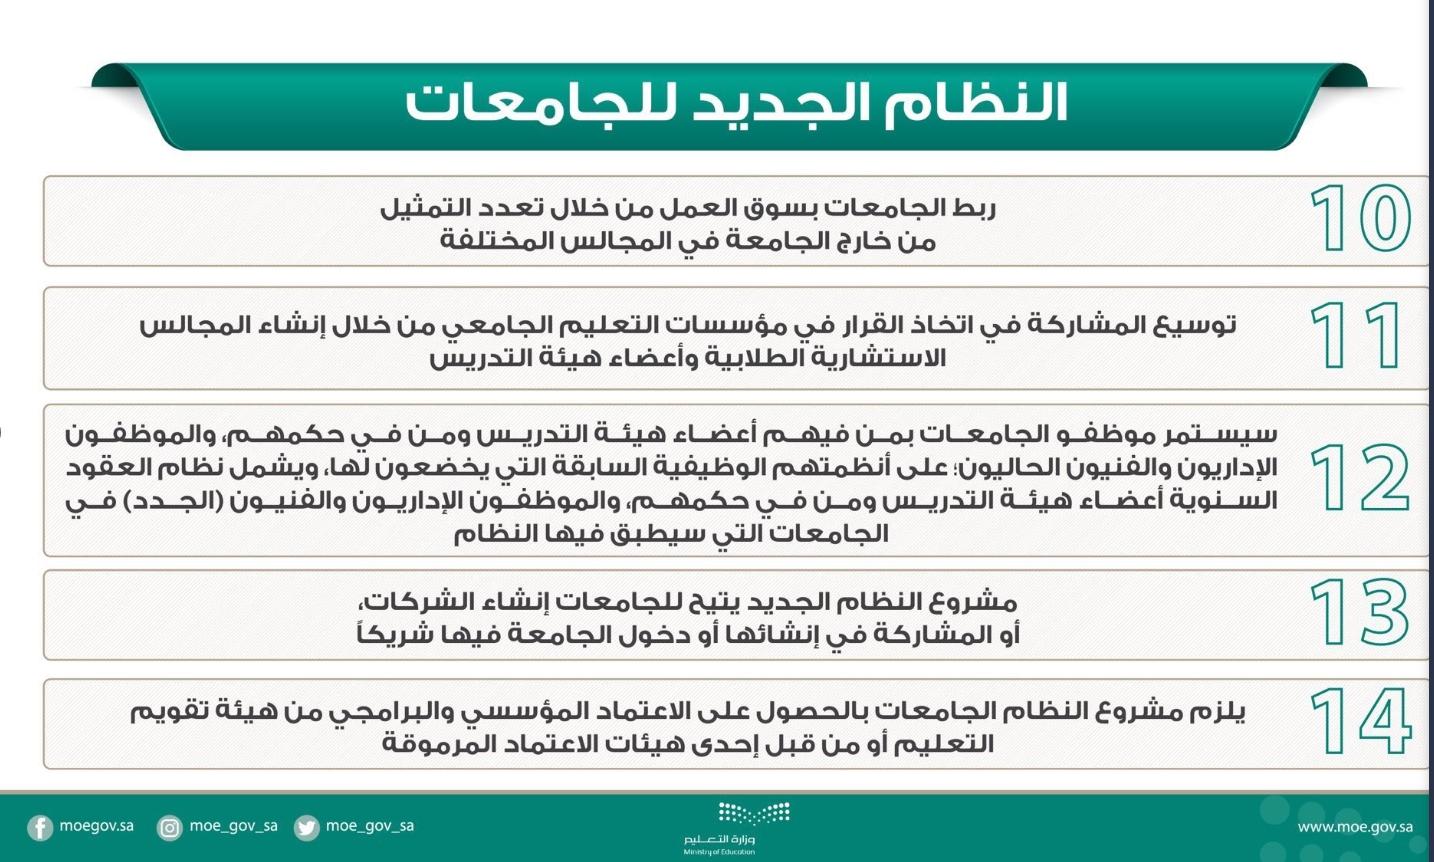 تعرف الى أبرز ملامح النظام الجديد للجامعات في المملكة العربية السعودية do.php?img=55528